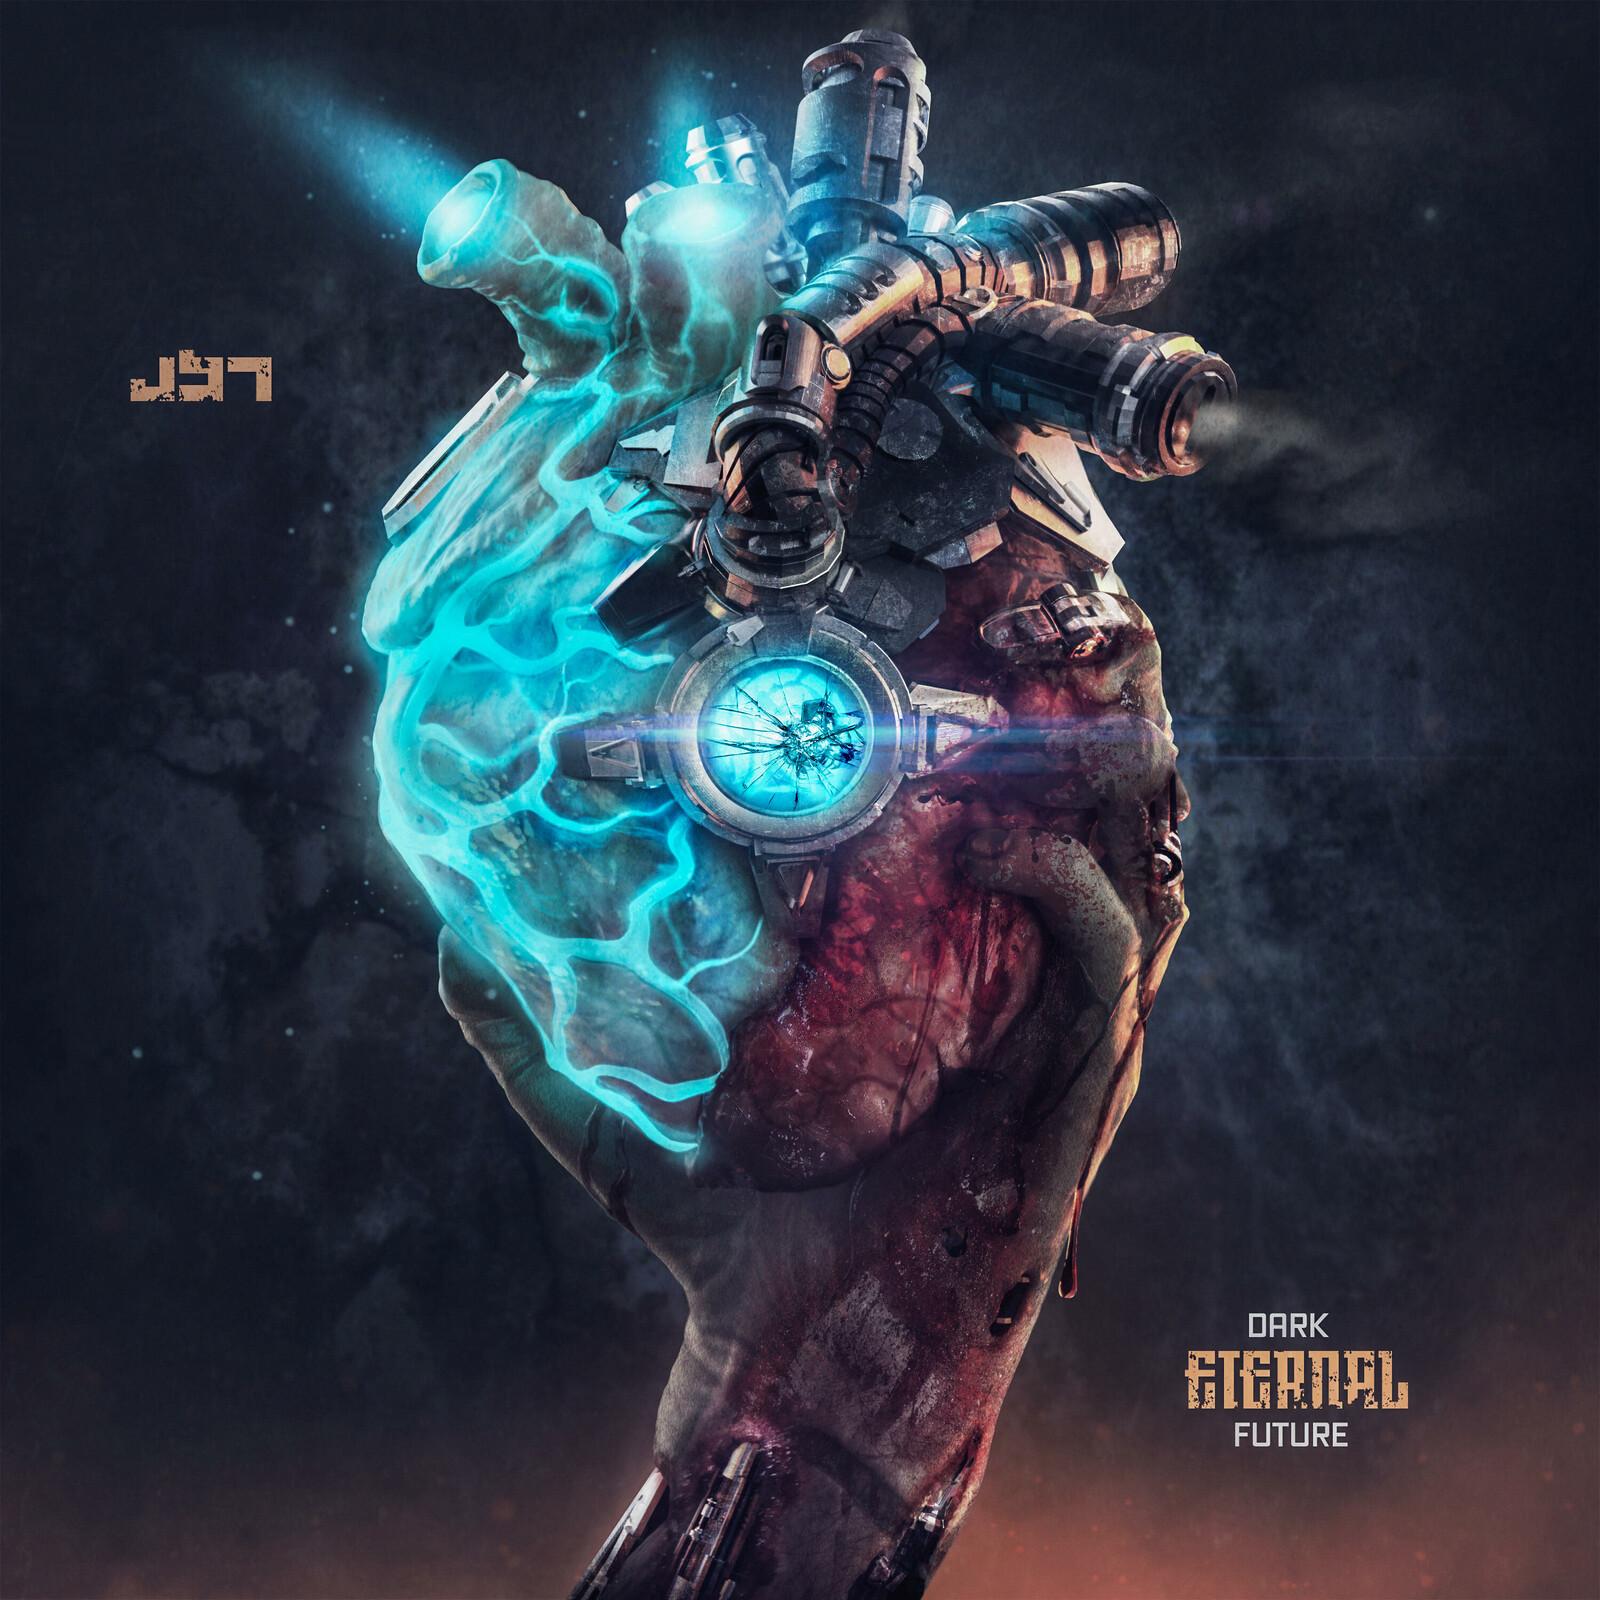 Dark Eternal Future - Album Cover